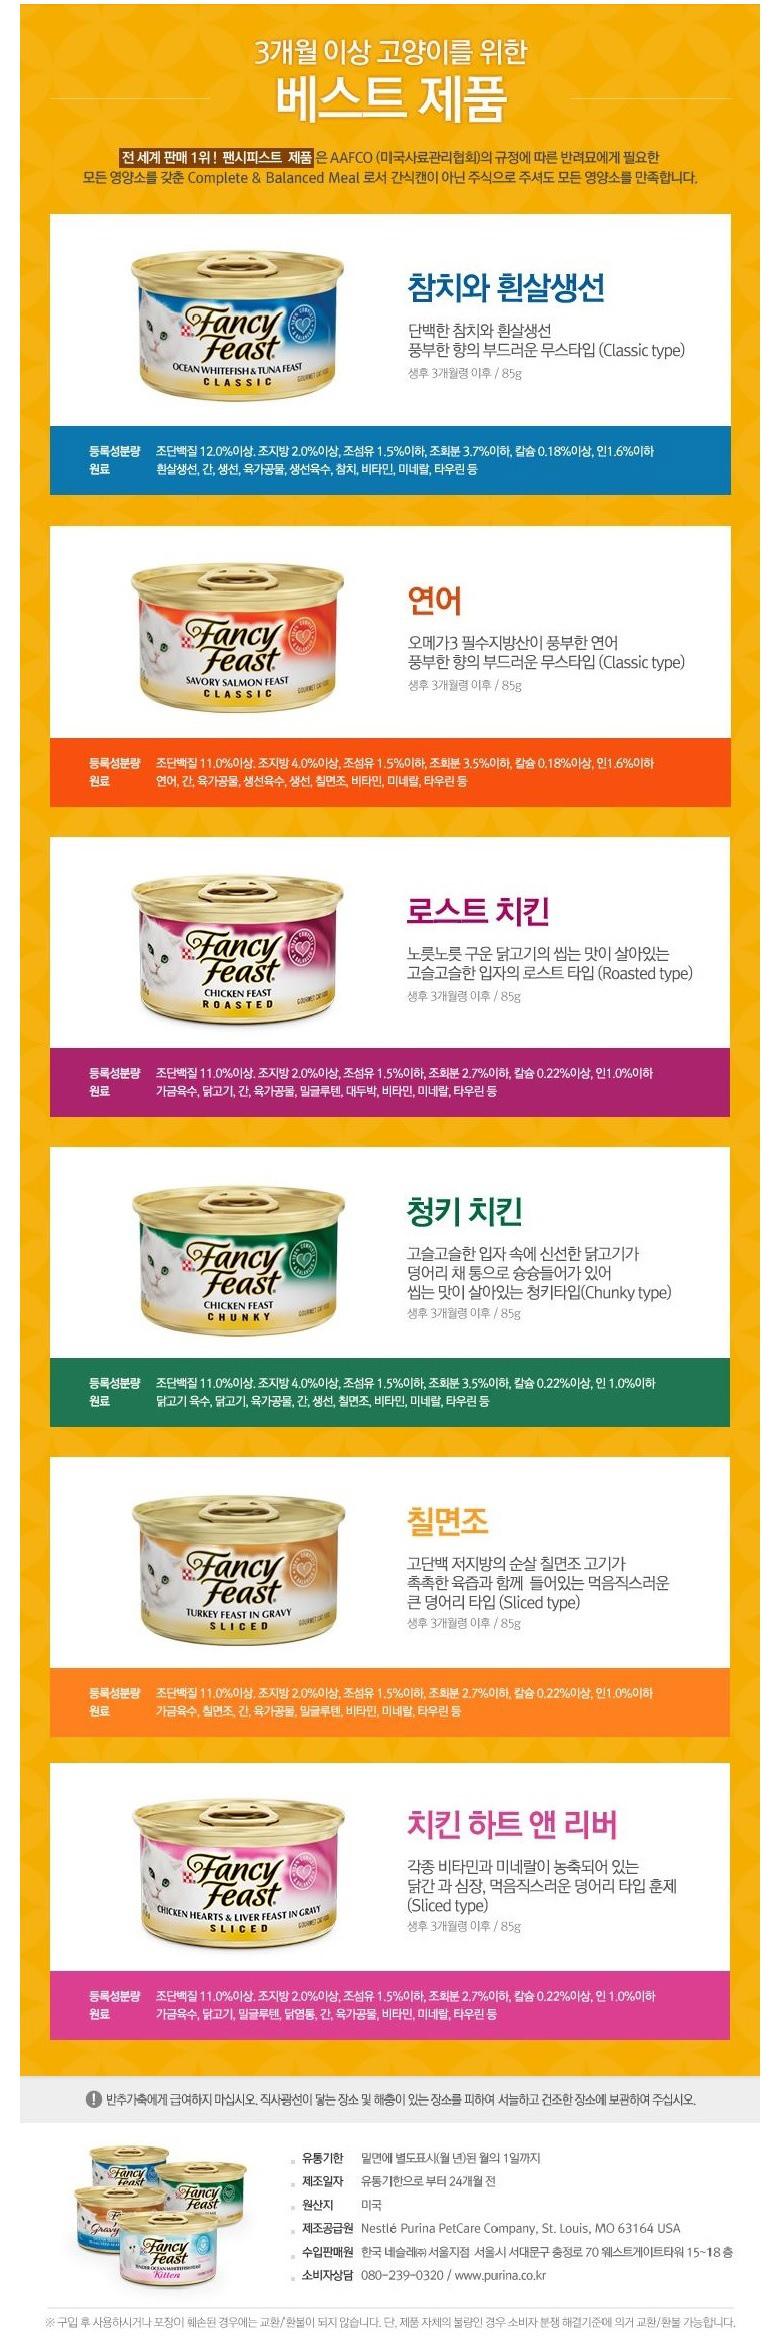 팬시피스트 캔 화이트라벨 클래식 참치 85g - 네슬레퓨리나, 1,350원, 간식/캣닢, 캔